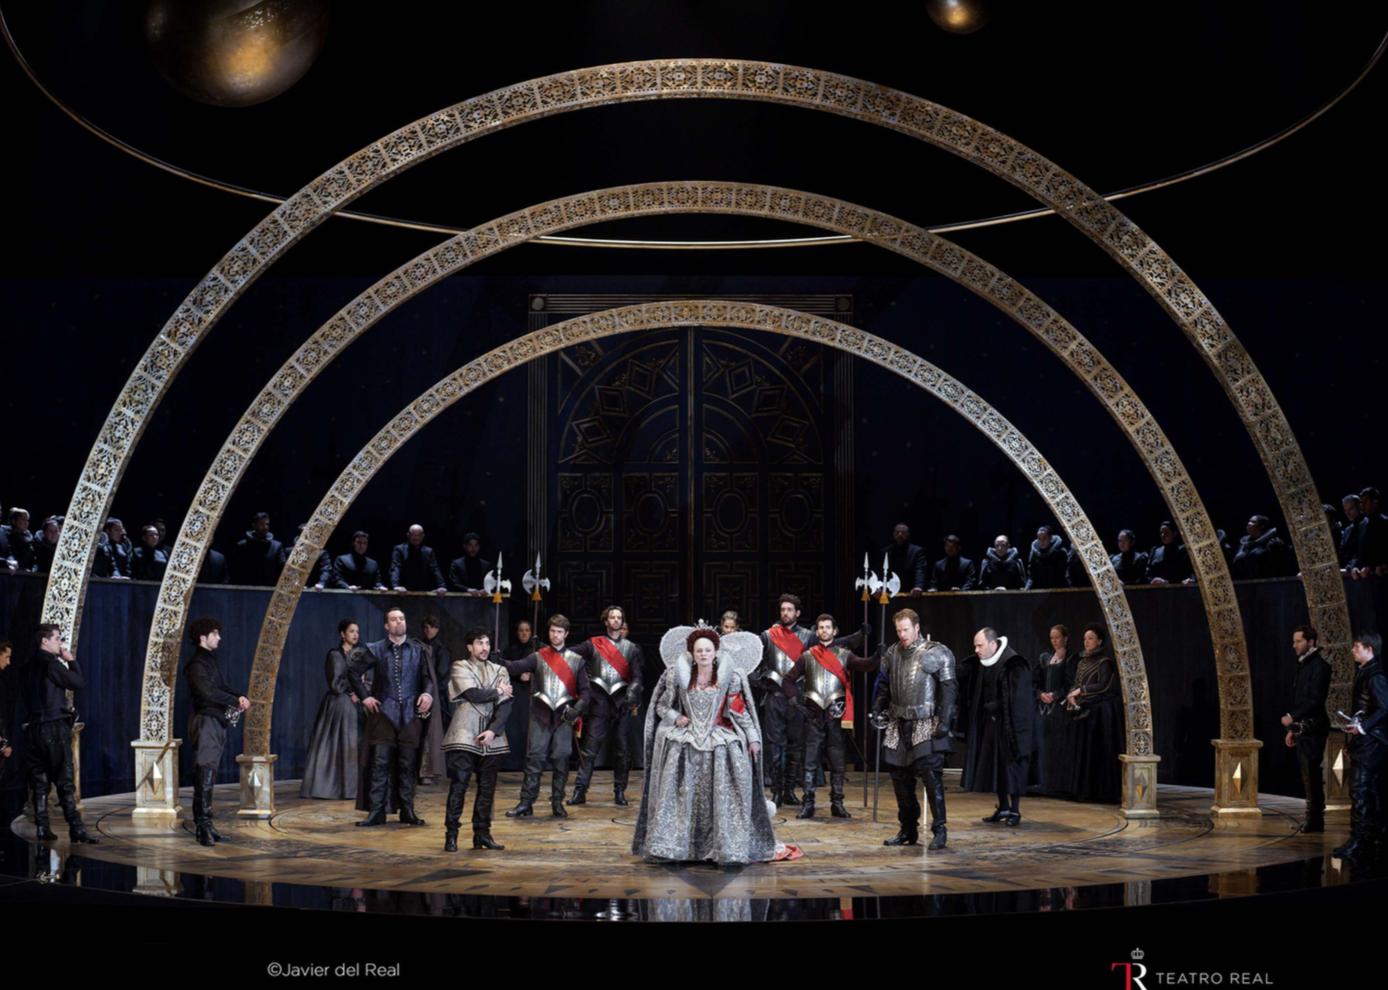 Gloriana de Britten en el Teatro Real